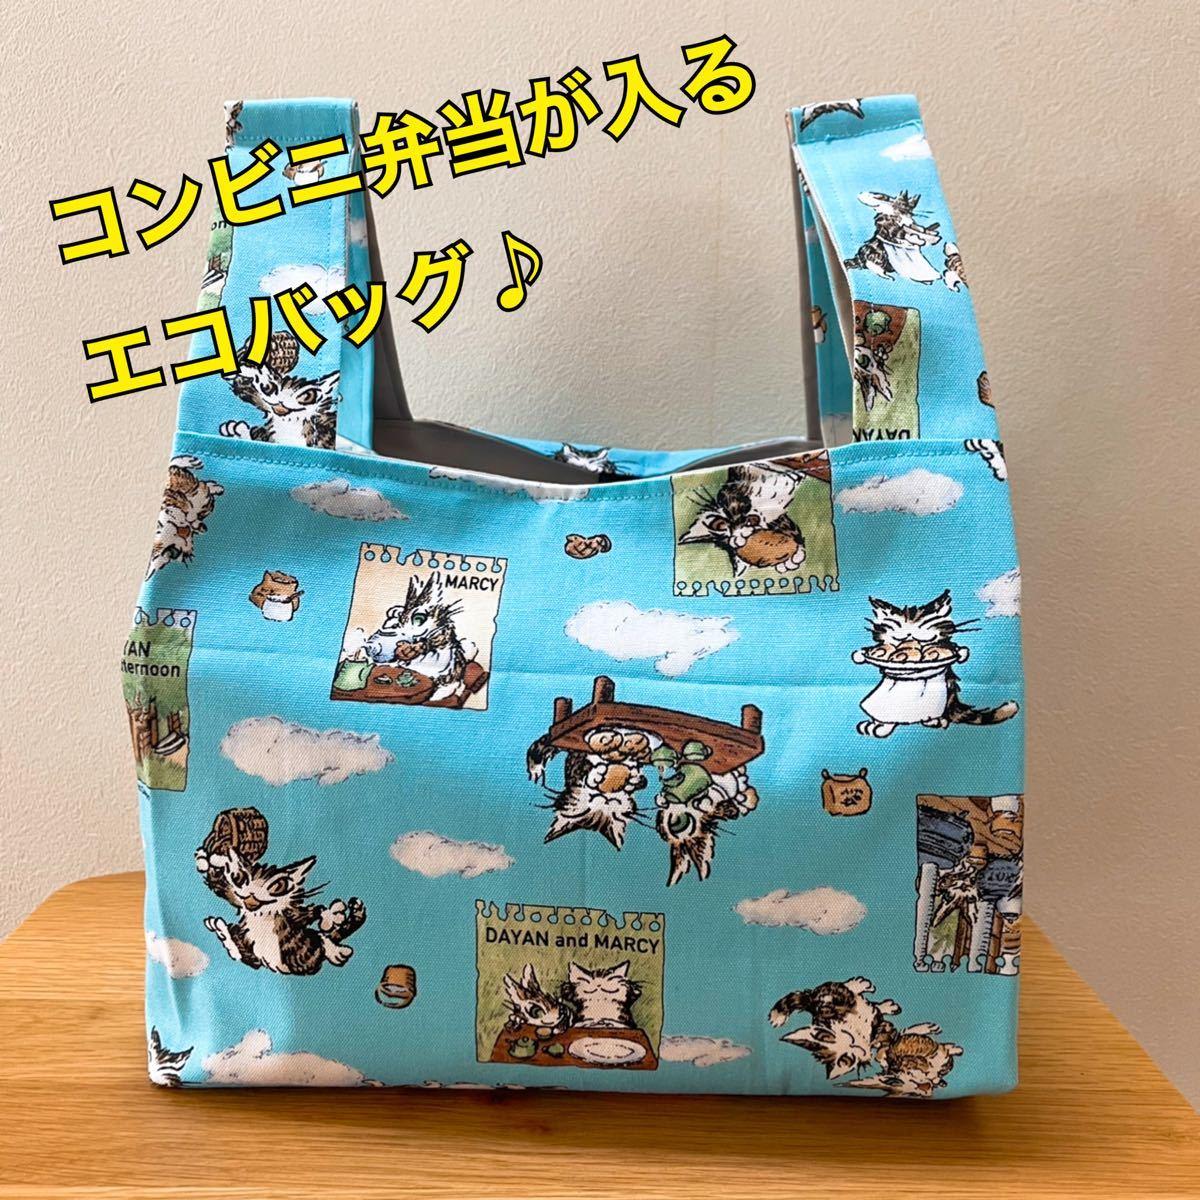 猫のダヤン コンビニ弁当が入る エコバッグ マイバッグ ランチバッグ トートバッグ ハンドメイド